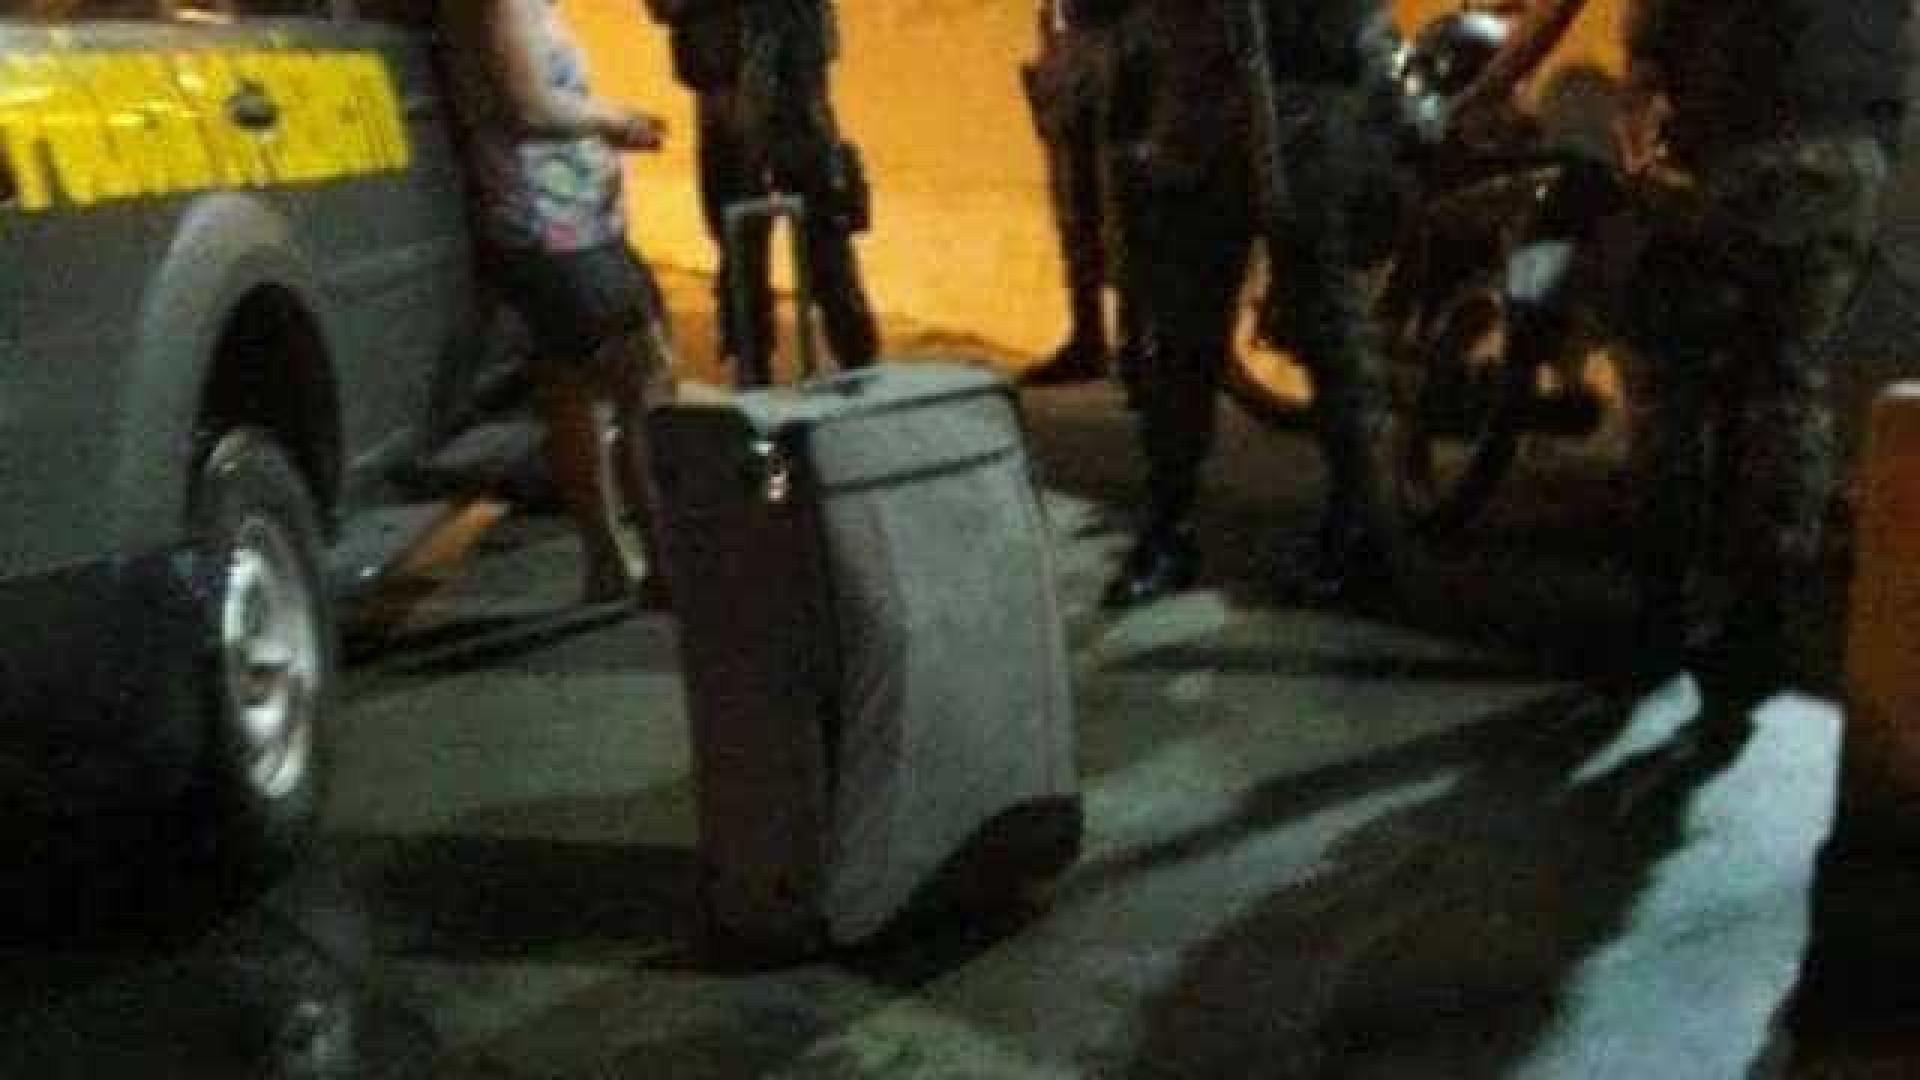 Mulher confessa que estrangulou e carregou o corpo do marido em mala